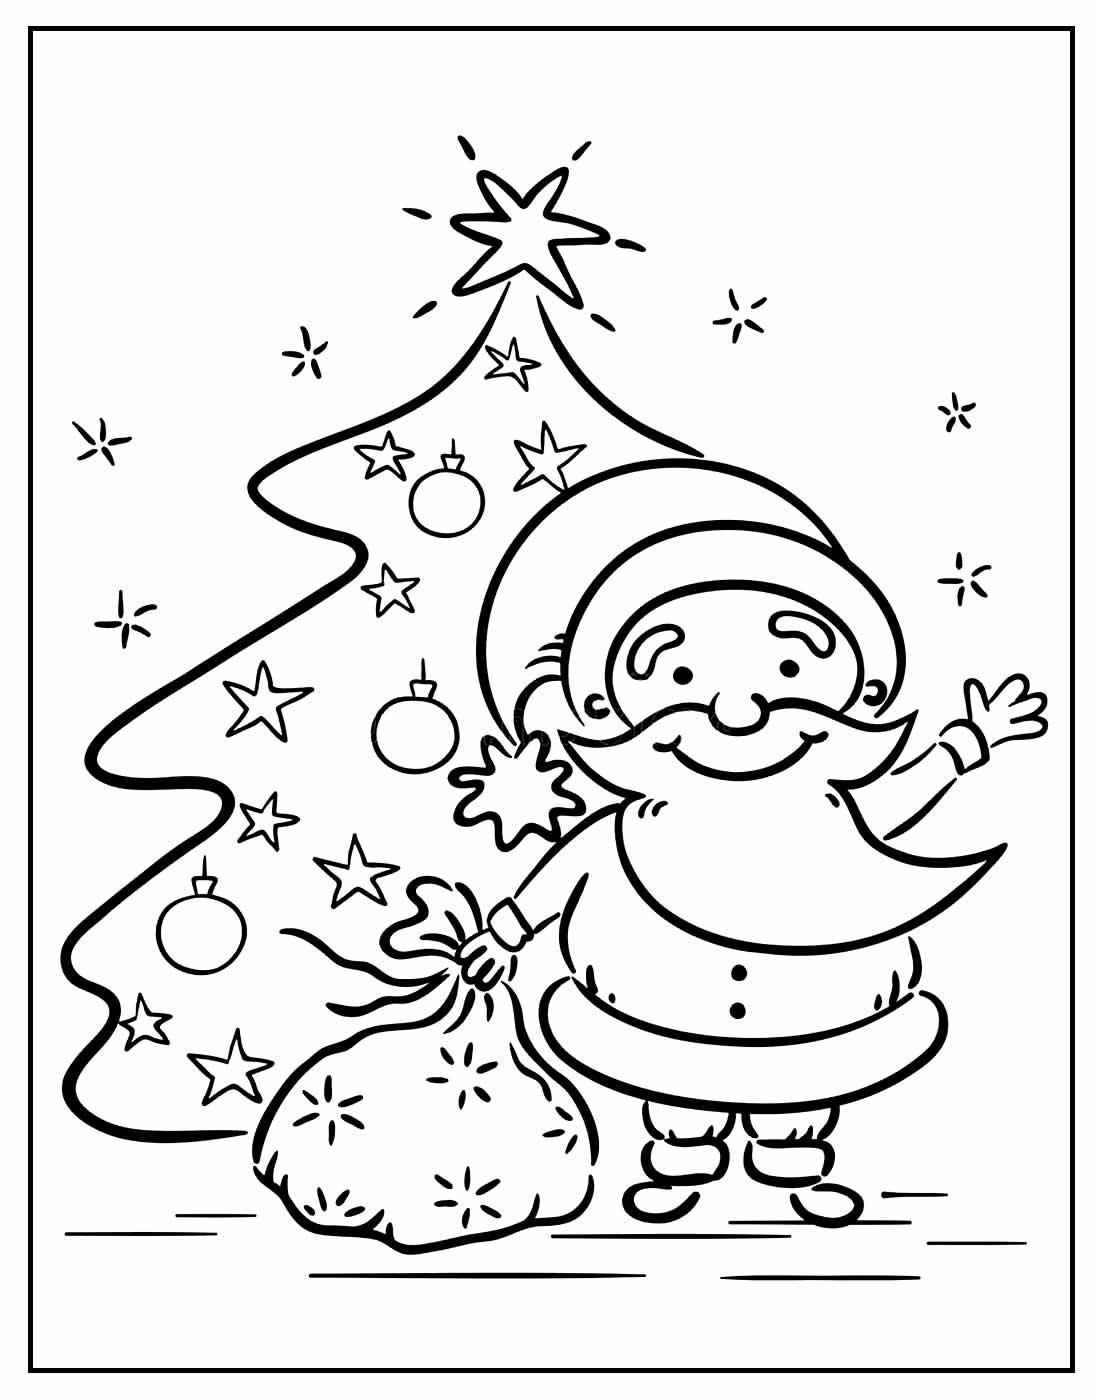 Imagens de Papai Noel com trenó